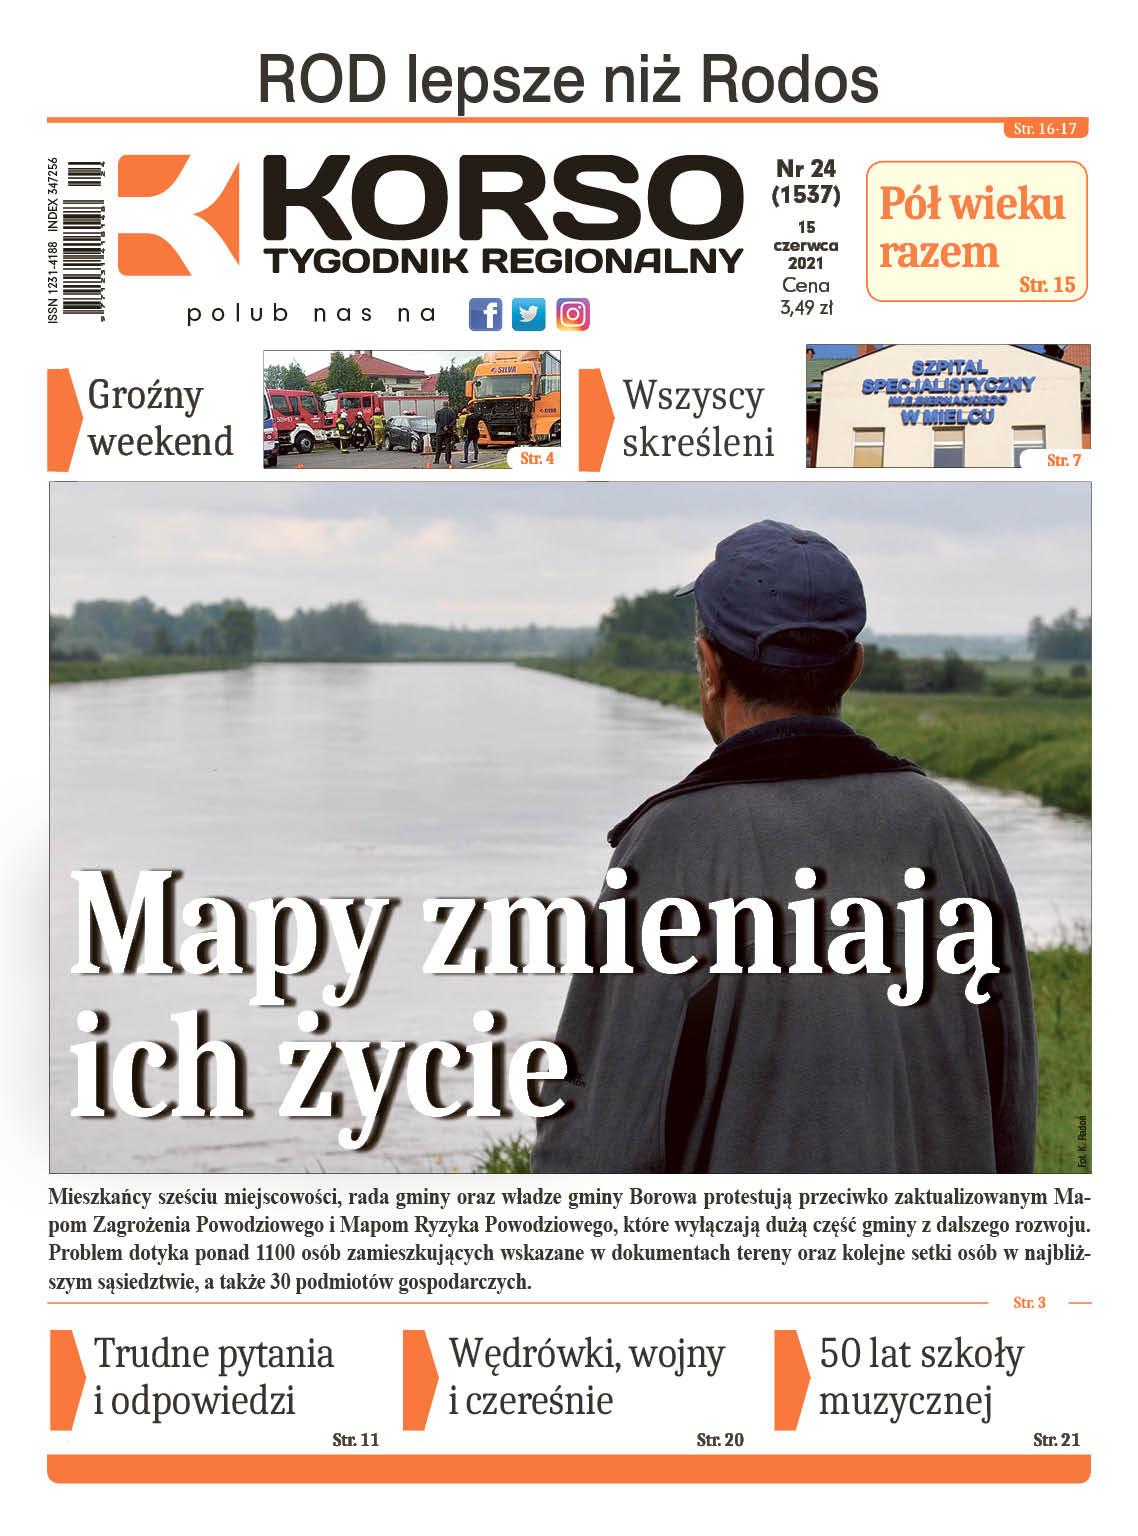 Tygodnik Regionalny KORSO nr 24/2021 - Zdjęcie główne